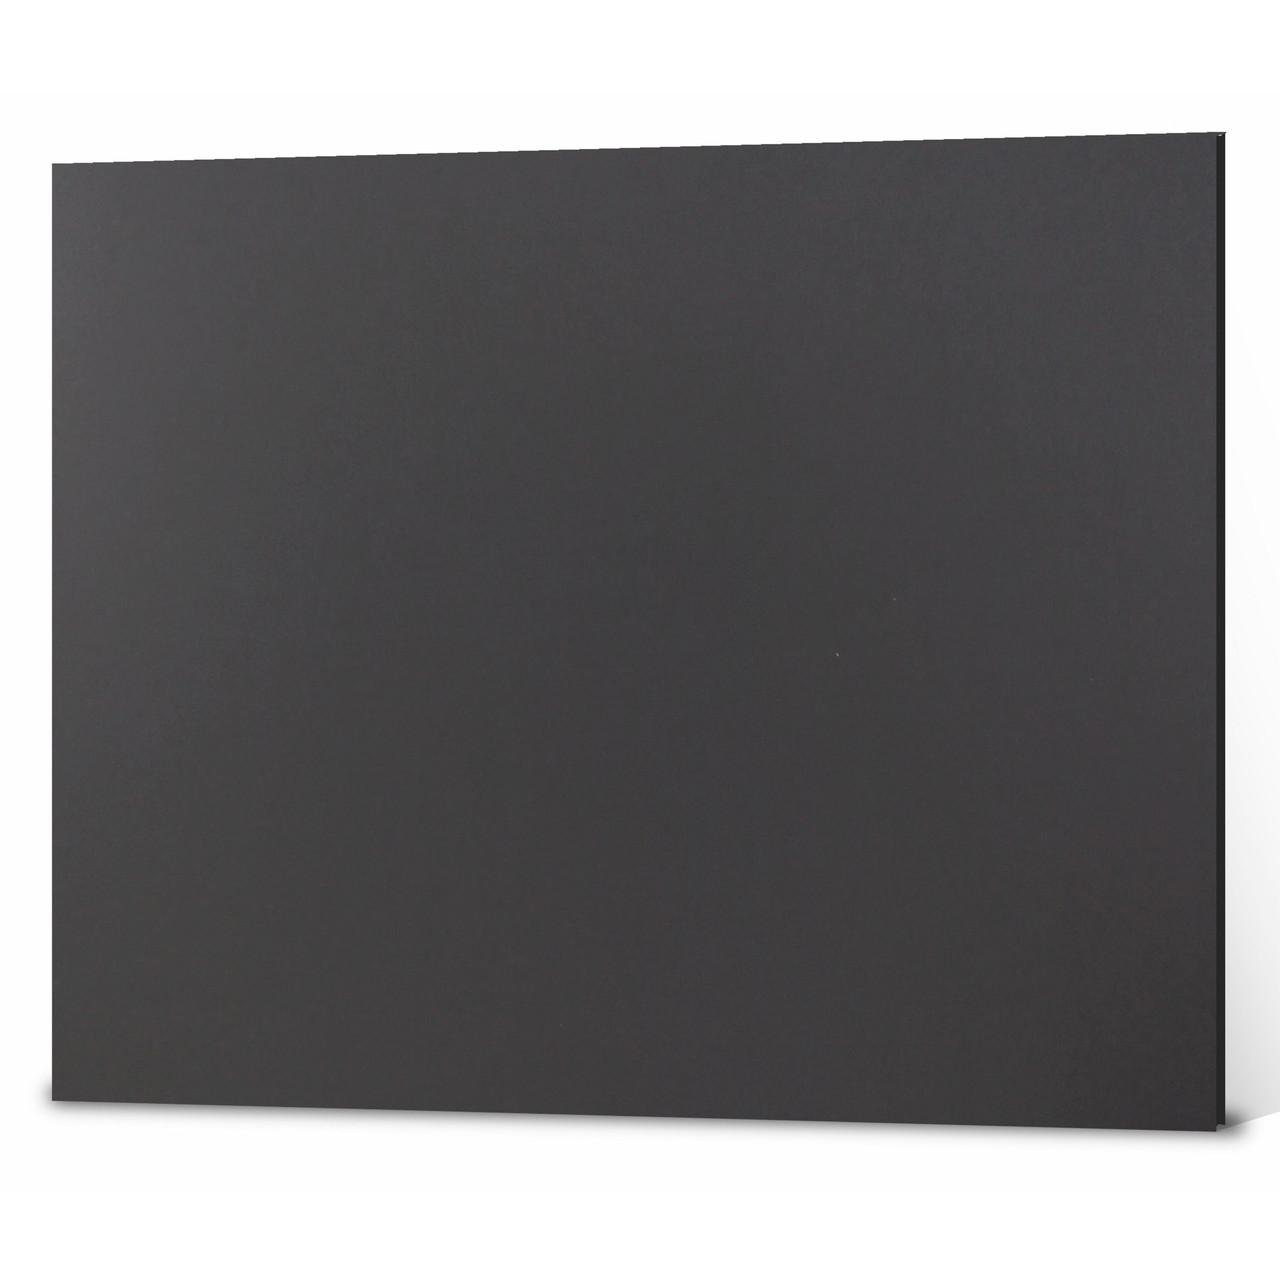 Elmer's Foam Board Black on Black 3/16in x 20in x 30in